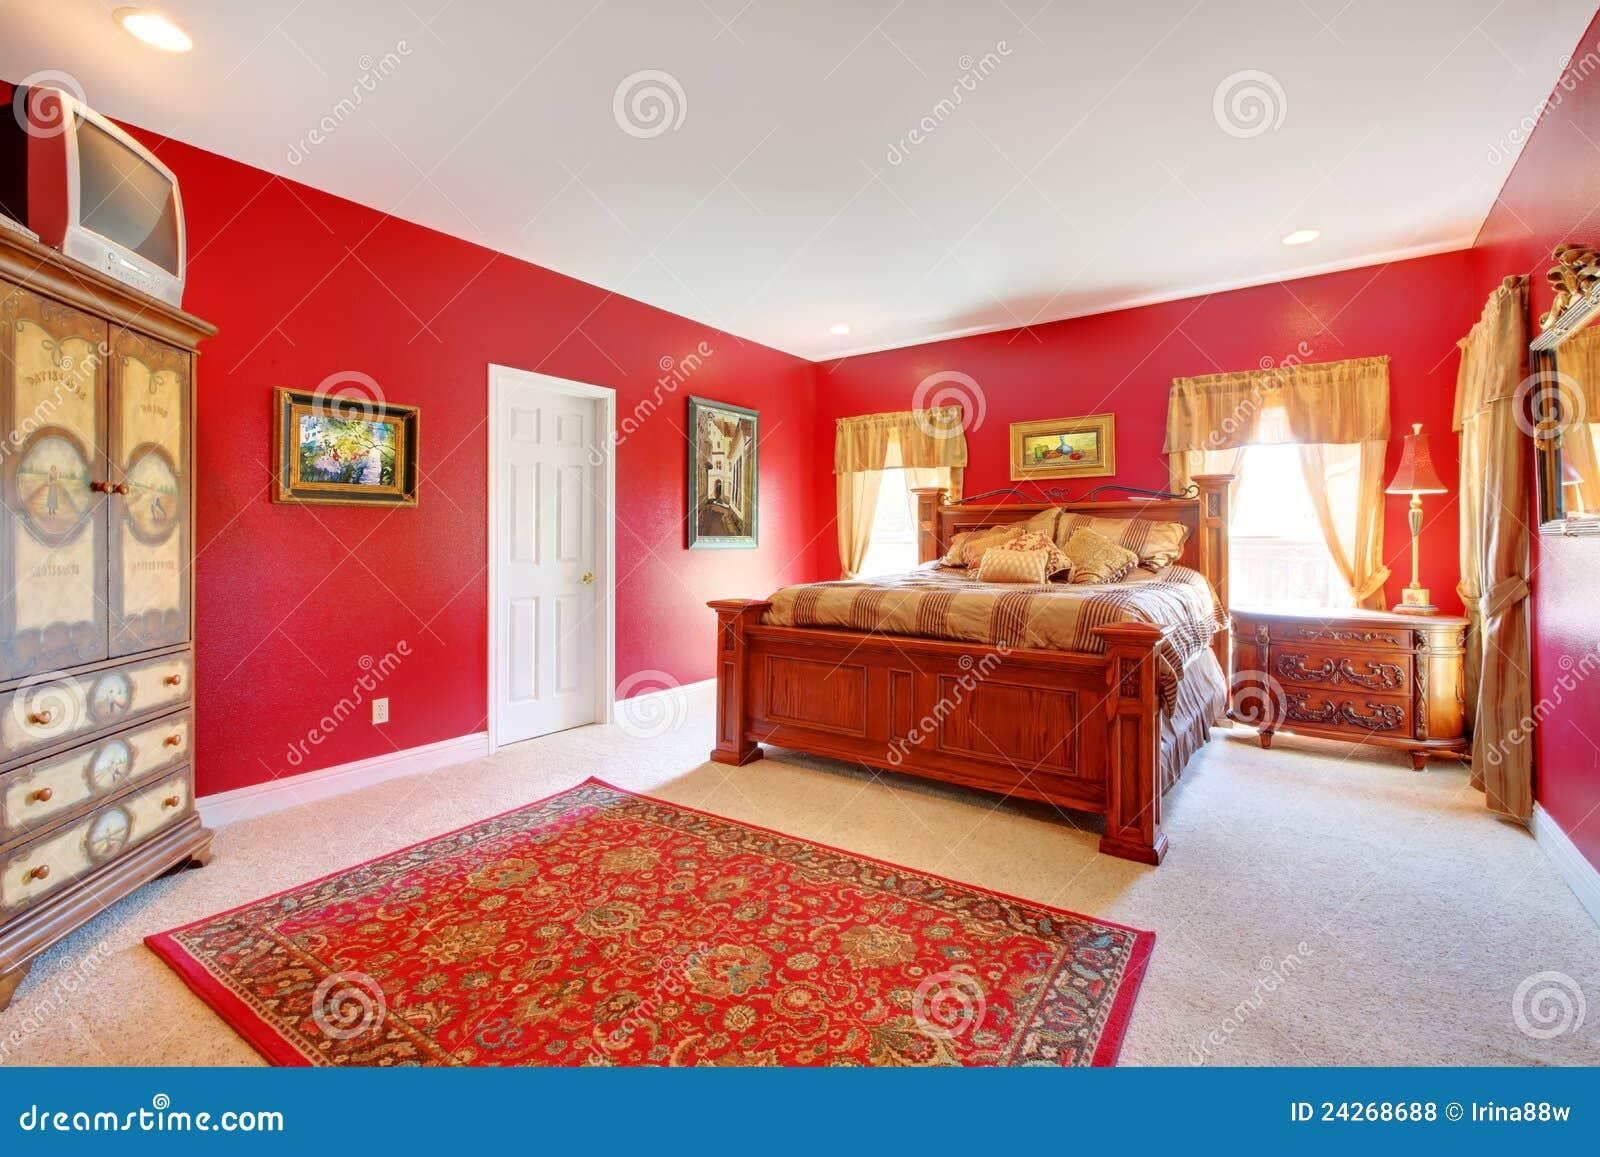 Rotes Klassisches Schlafzimmer Mit Großem Bett. Stockfoto - Bild von ...